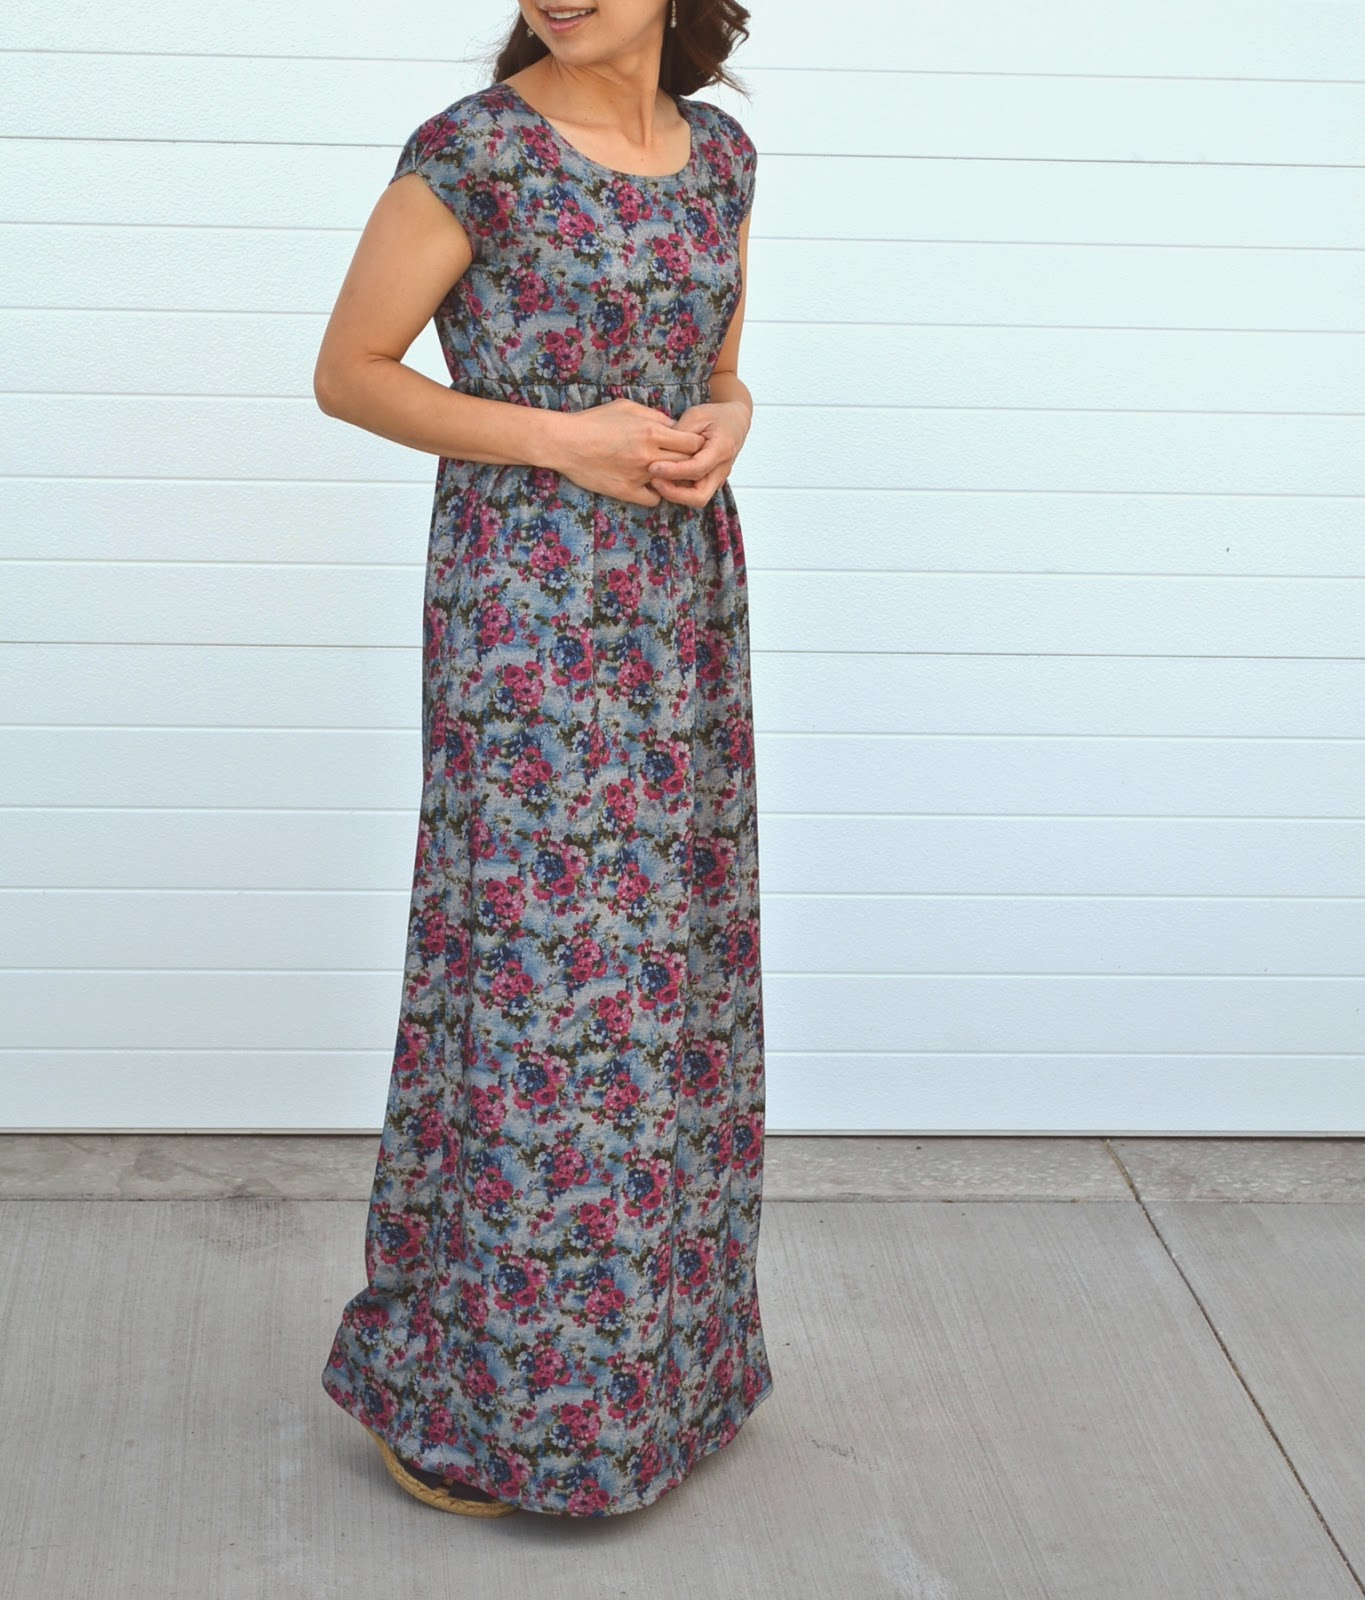 Tea Rose Home: Maxi Knit Dress Fun